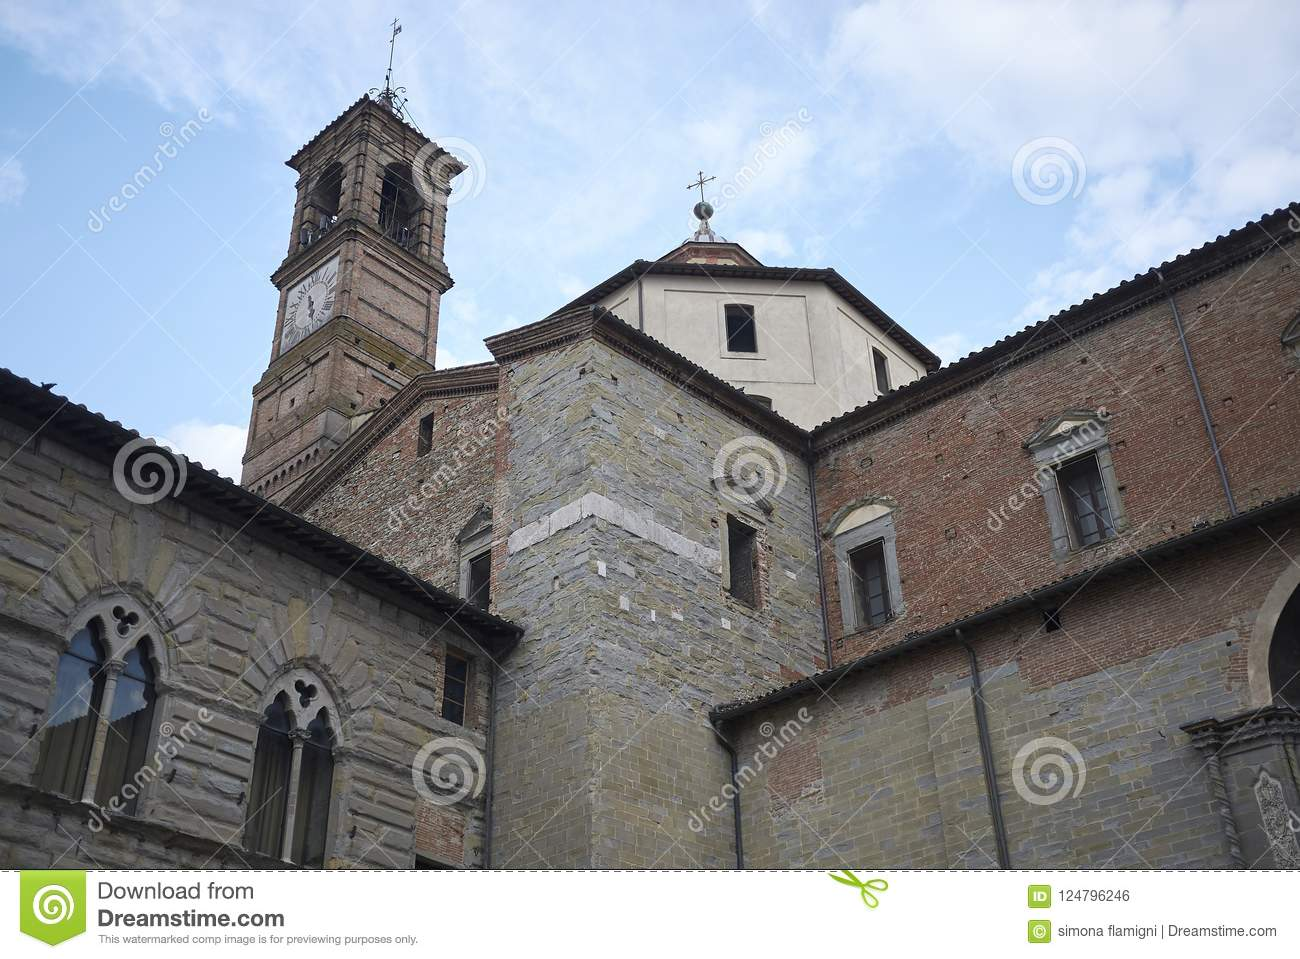 view-citta-di-castello-basilica-italy-august-cattedrale-dei-santi-florido-e-amanzio-124796246